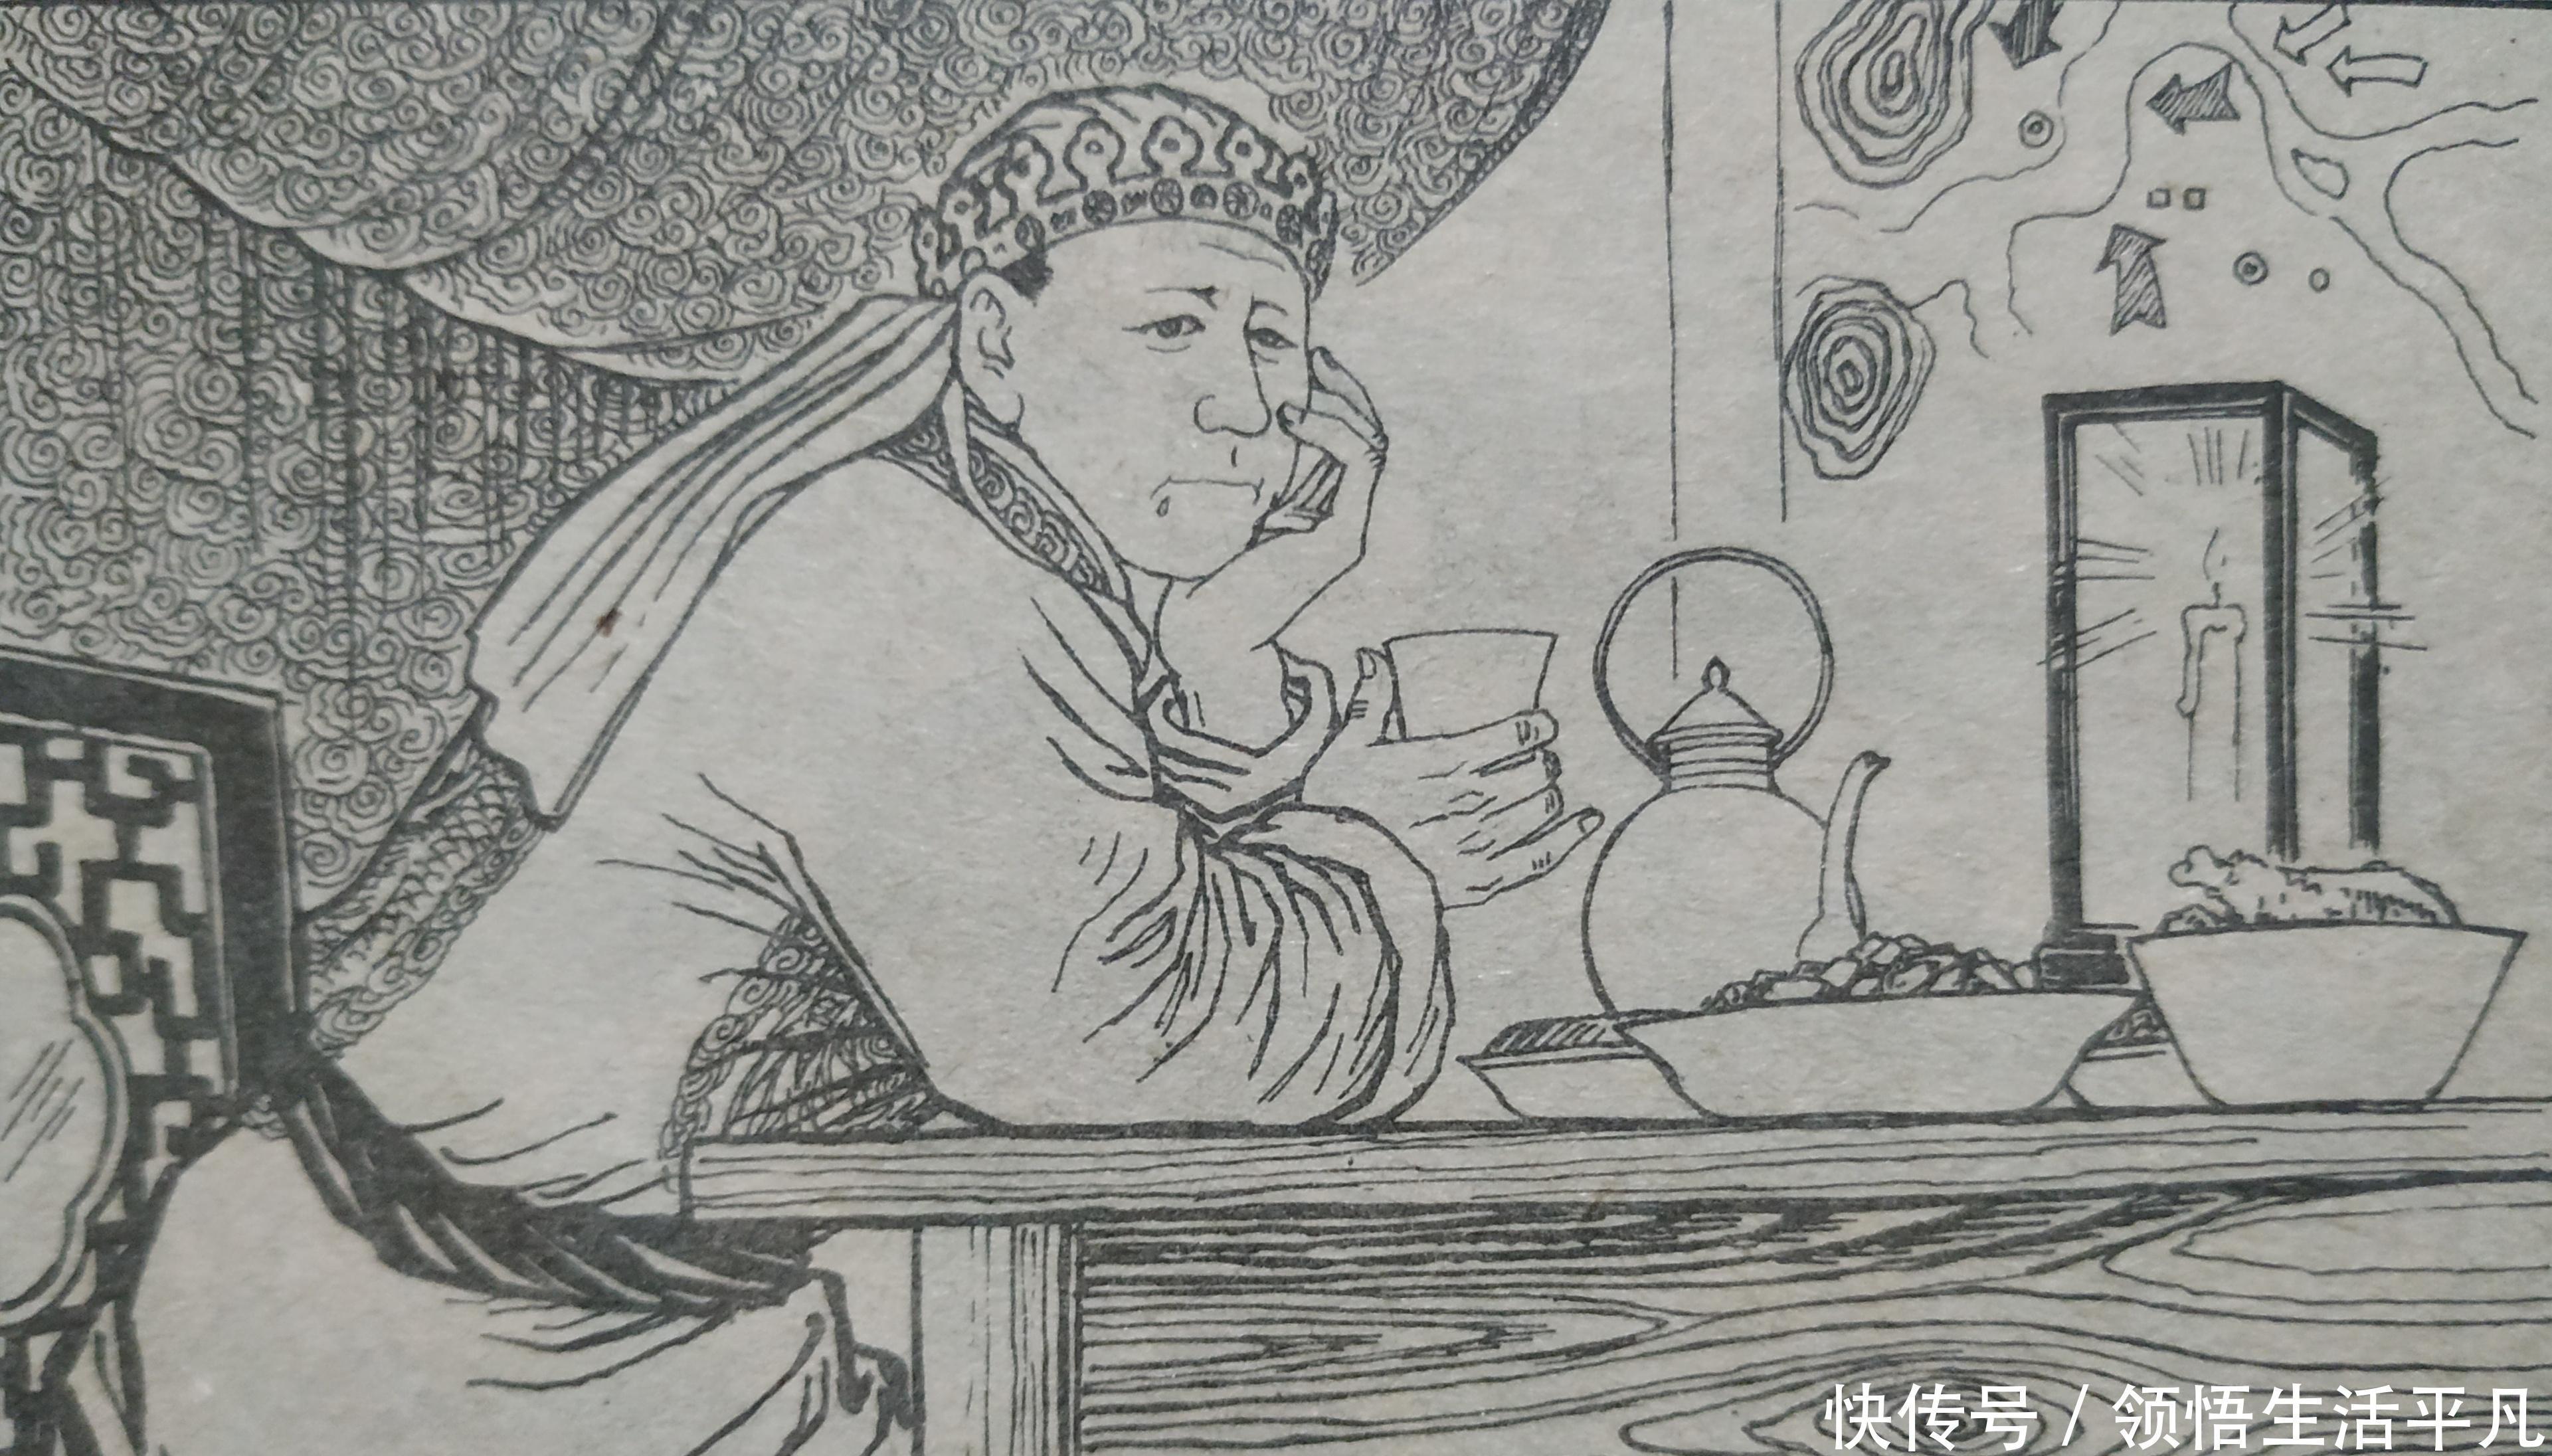 『救陈玉成』李秀成如果听从干王意见,陈玉成不会死,太平天国不会亡那么早